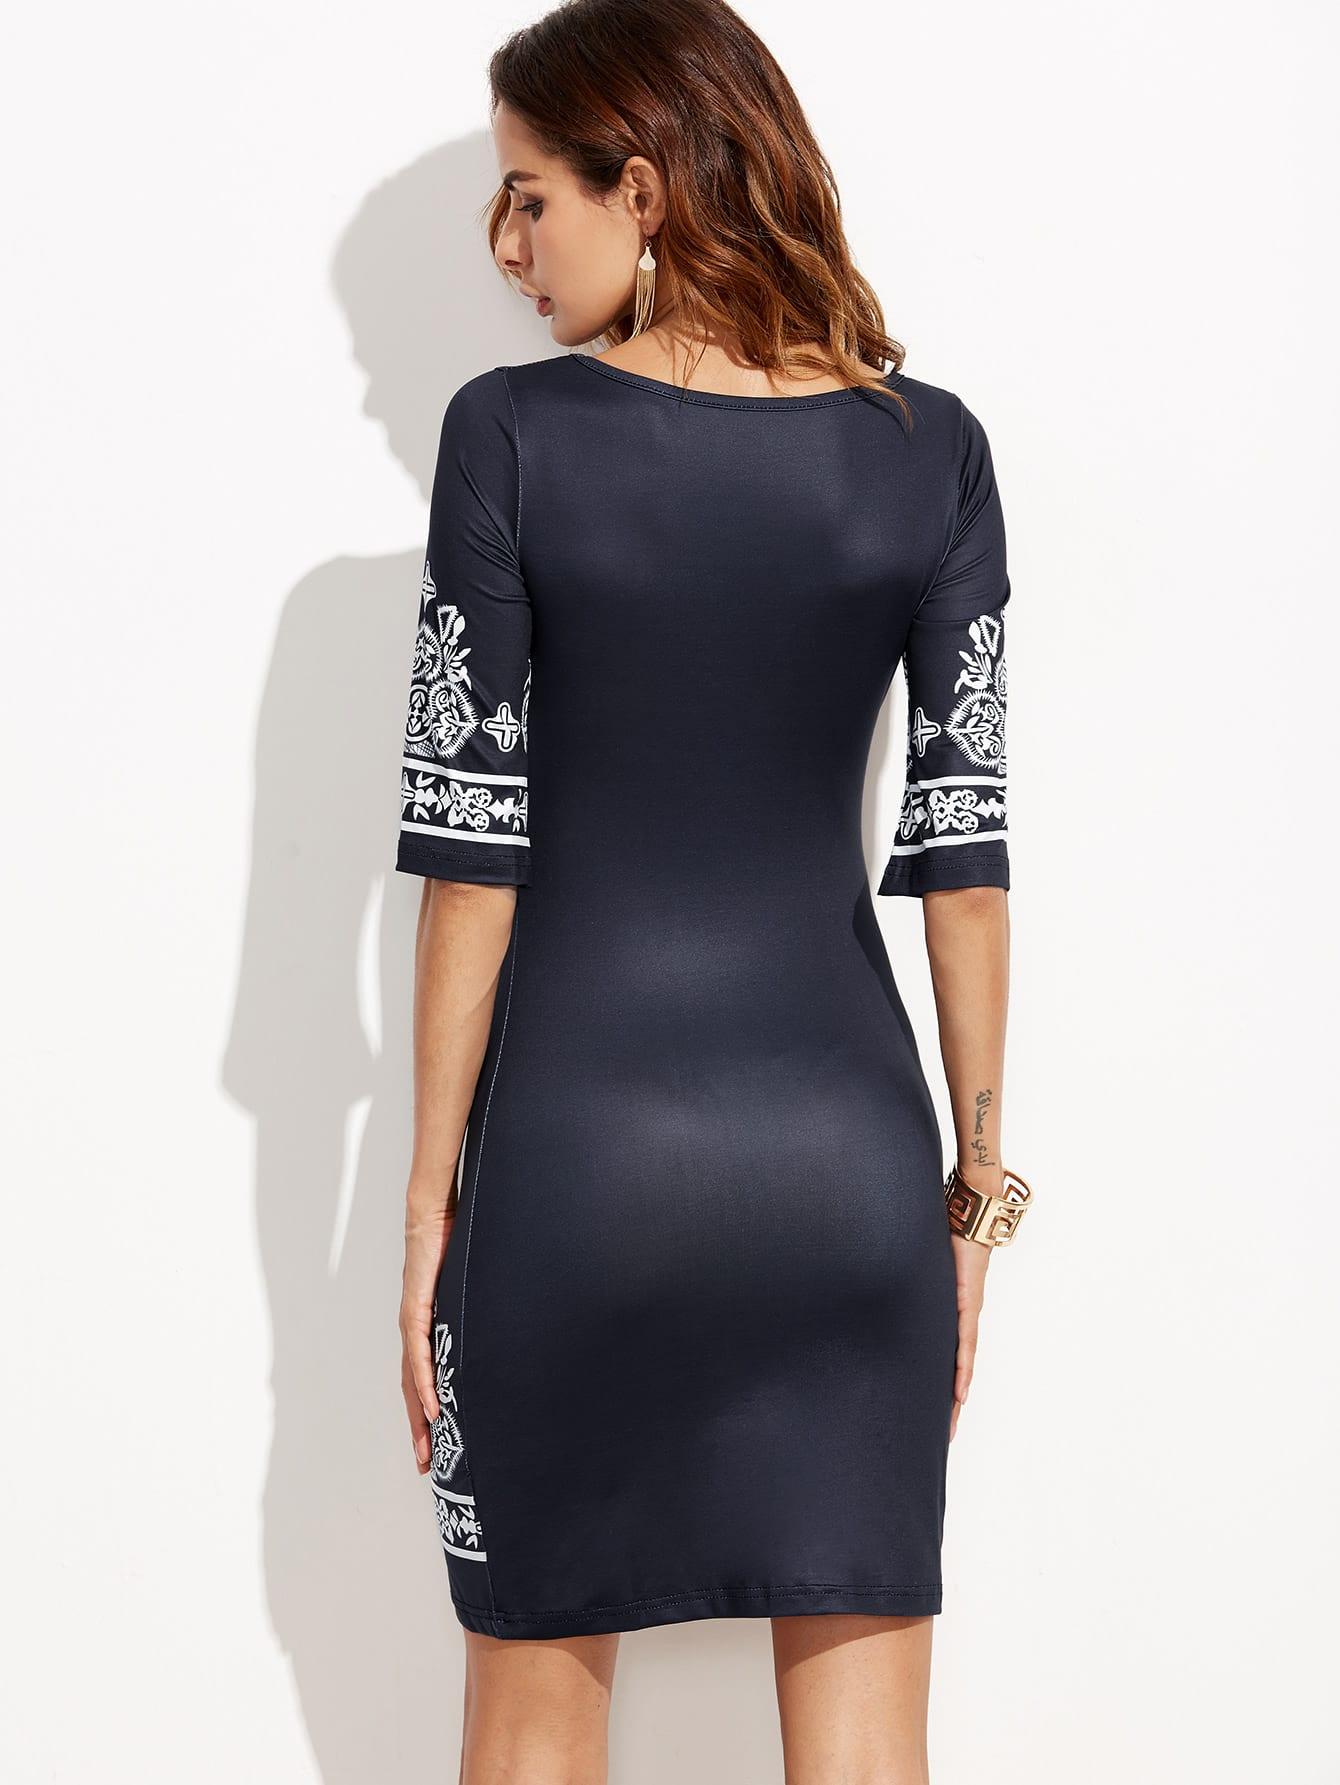 dress160823321_2